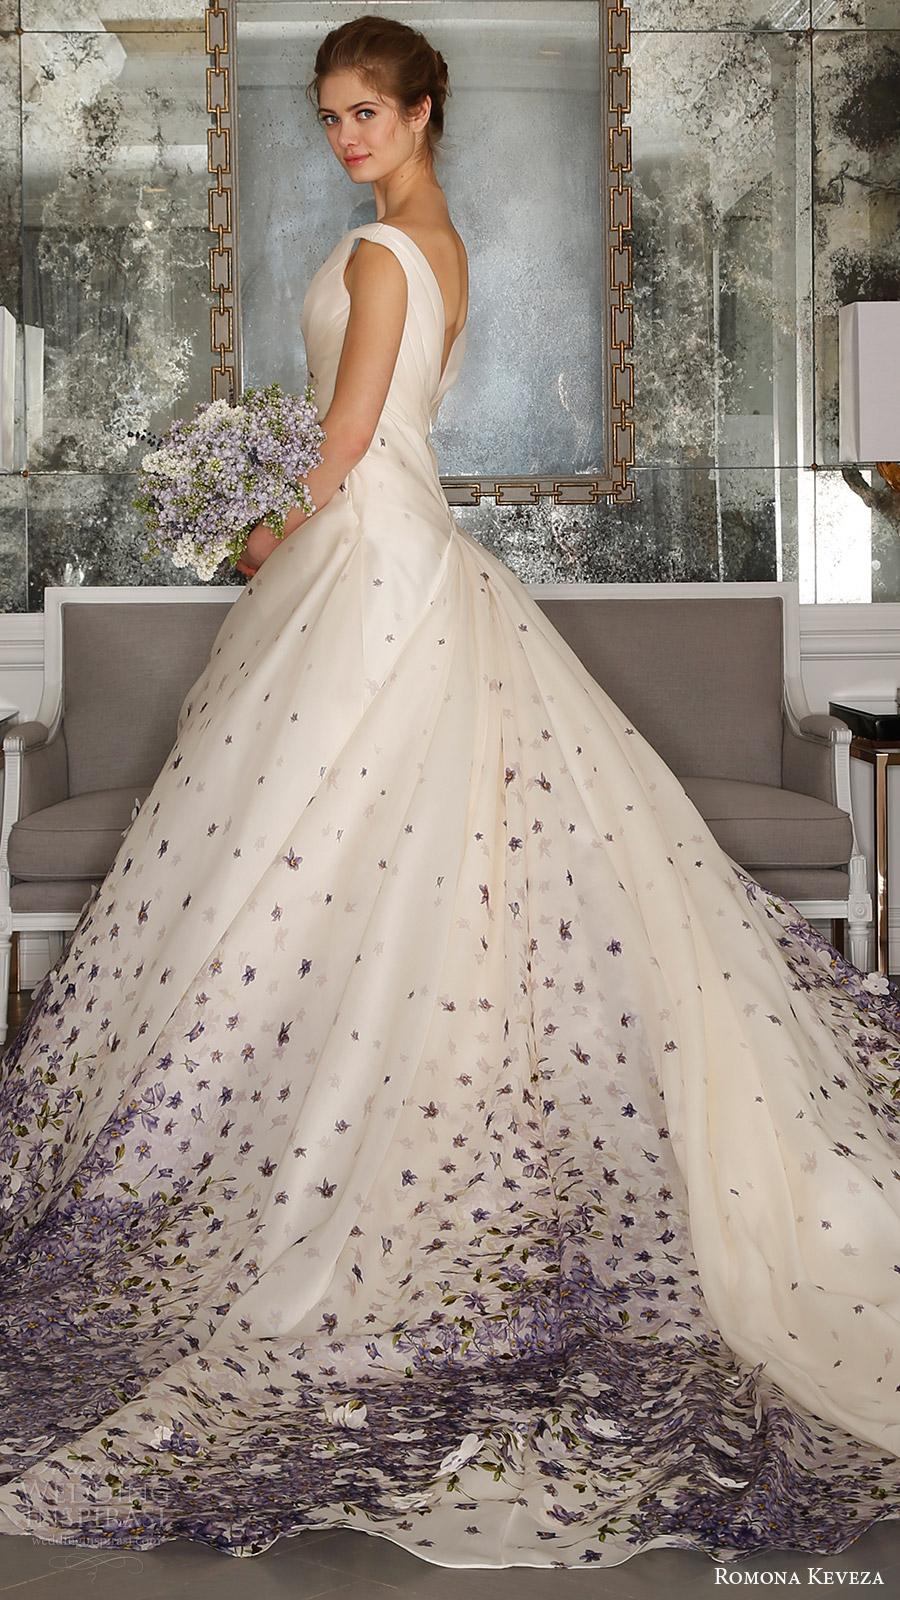 romona keveza bridal spring 2017 strapless sweetheart trumpet wedding dress (rk7408) off shoulder vneck ball gown wedding dress (rk7409) bv violet color print vback train